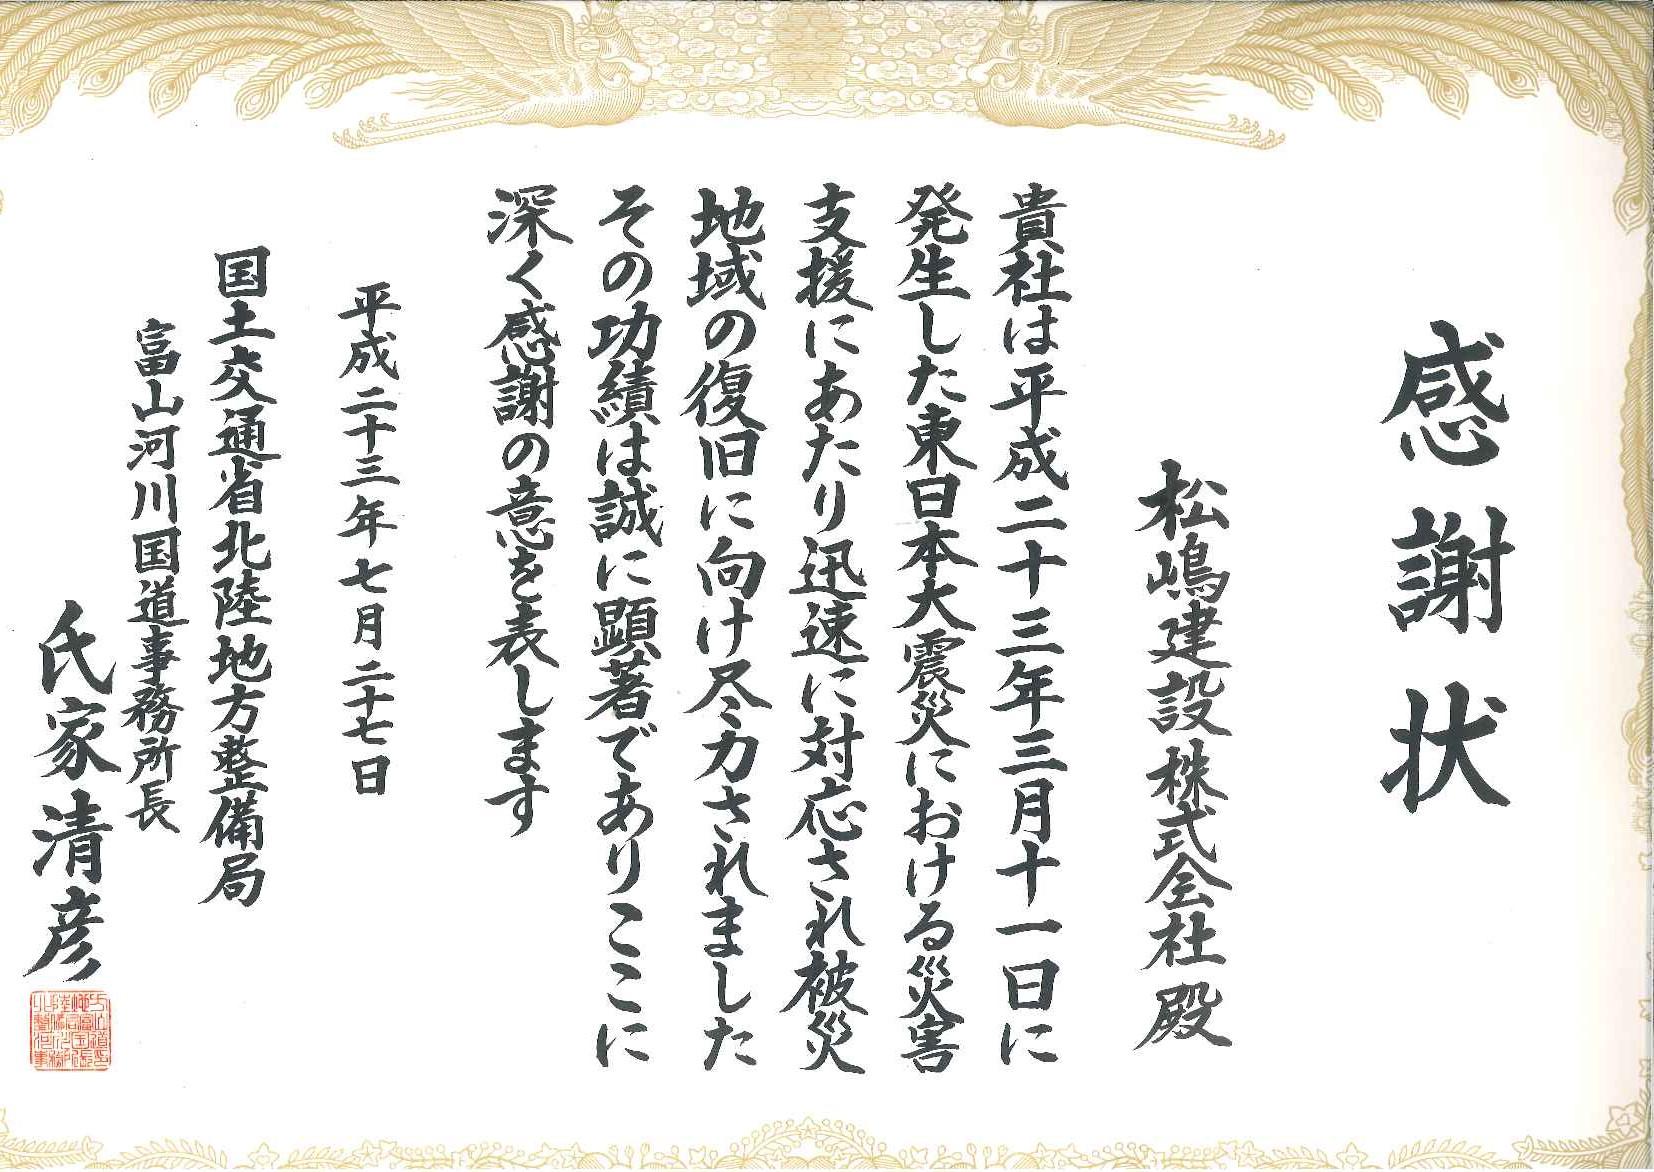 賞状 東日本大震災 感謝状